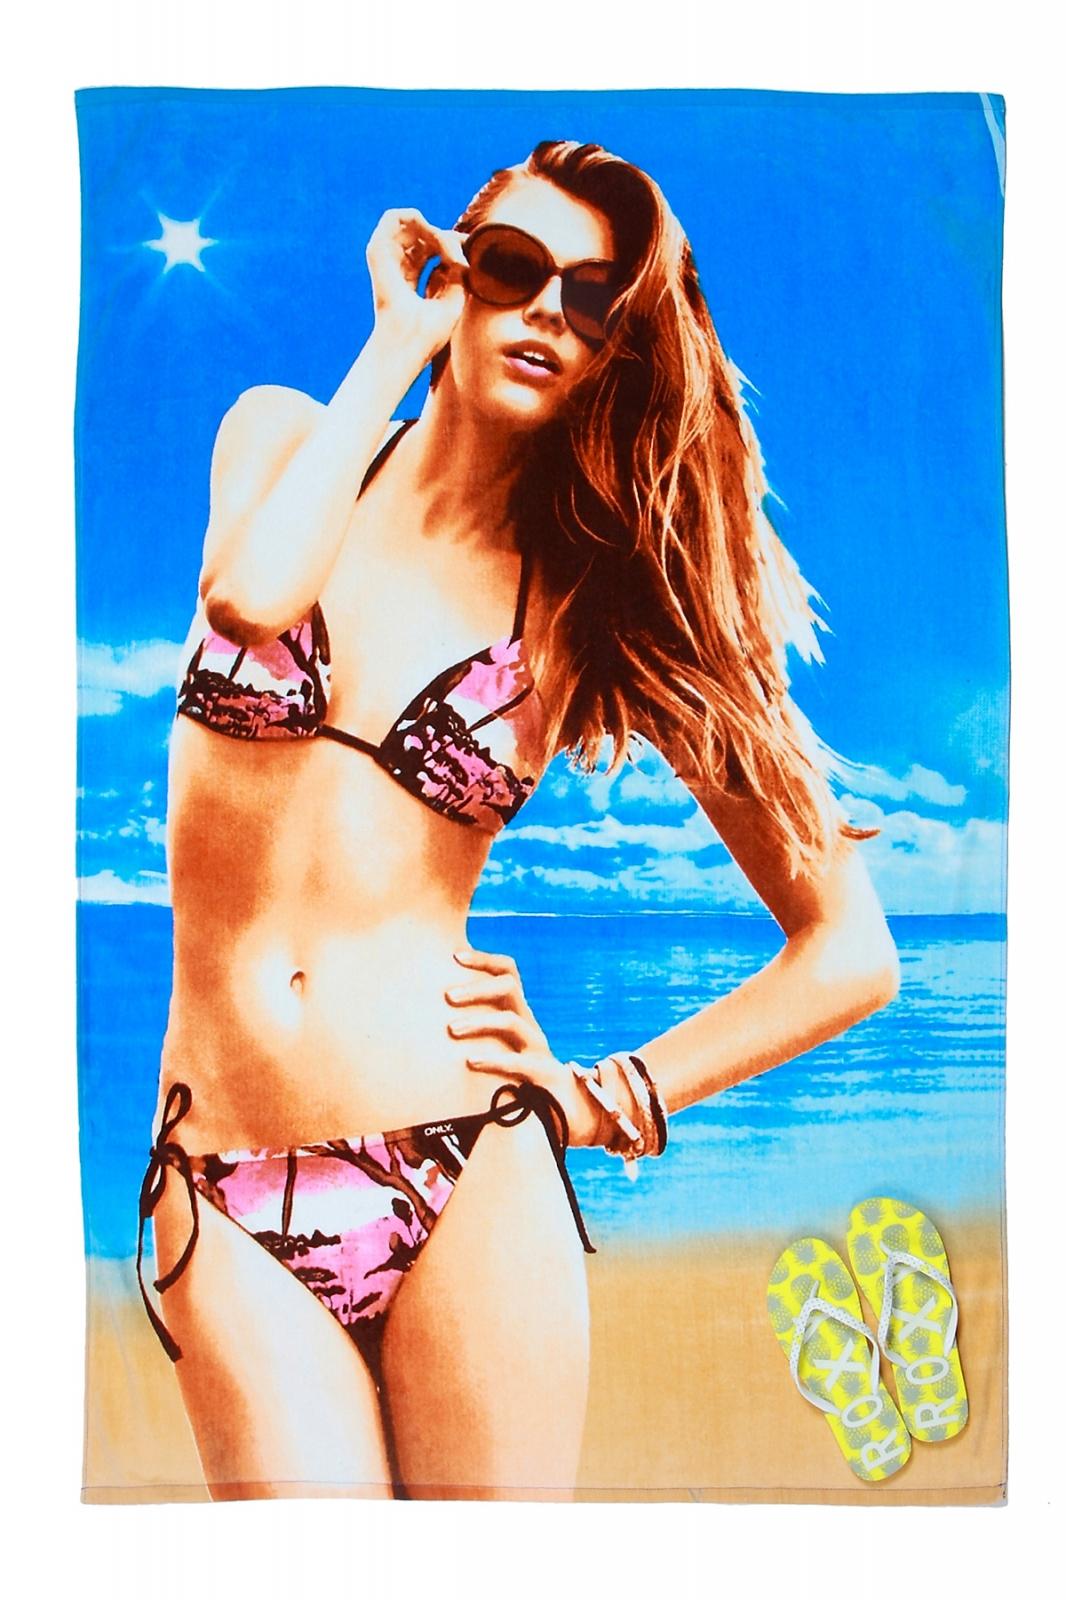 Пляжное полотенце с девушкой доступно для оптовых и розничных заказов